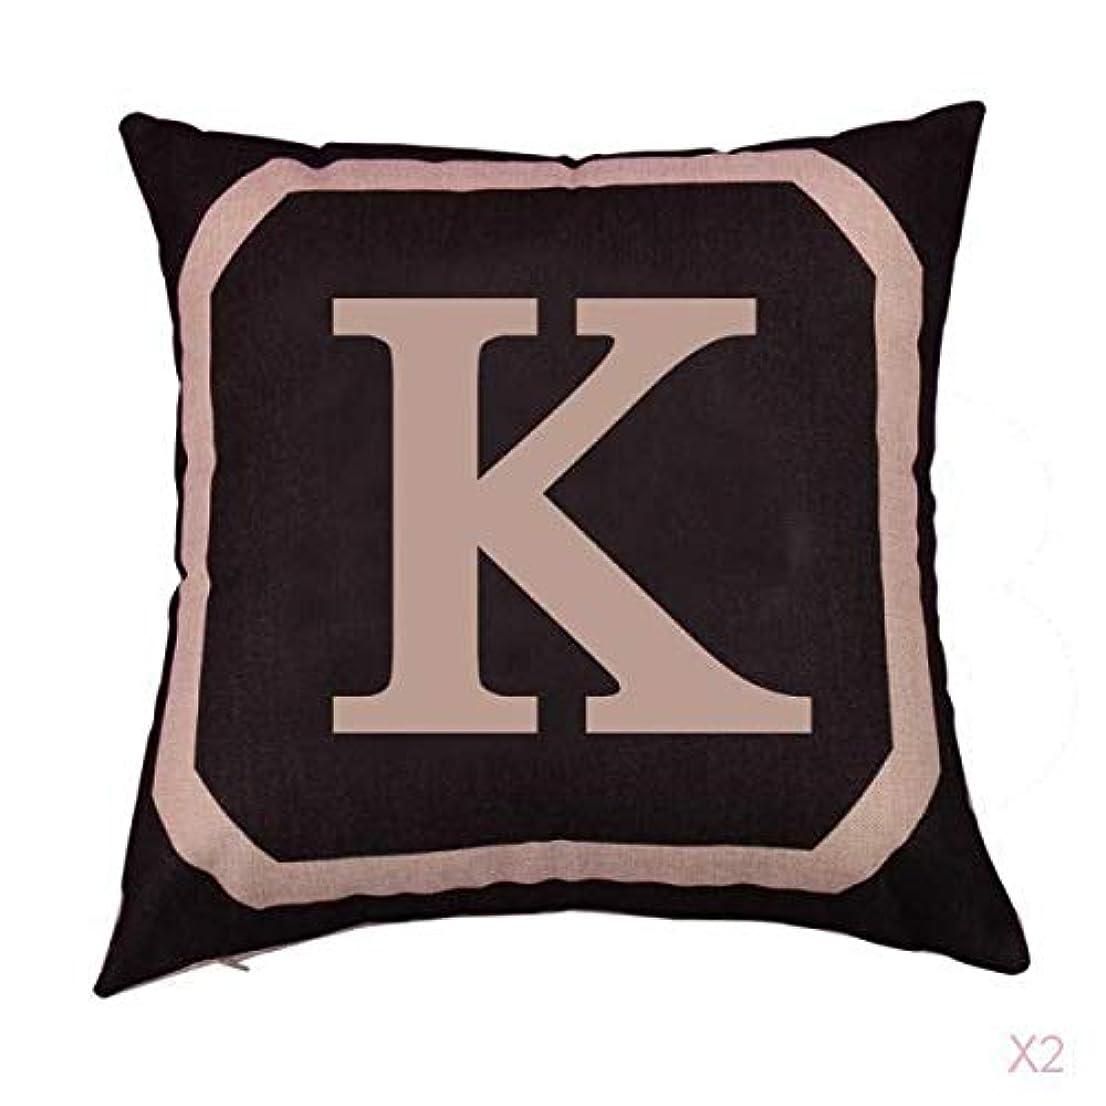 アクティブスモッグ複雑な正方形の綿のリネンスローピローケース腰クッションカバーベッドソファ装飾kを